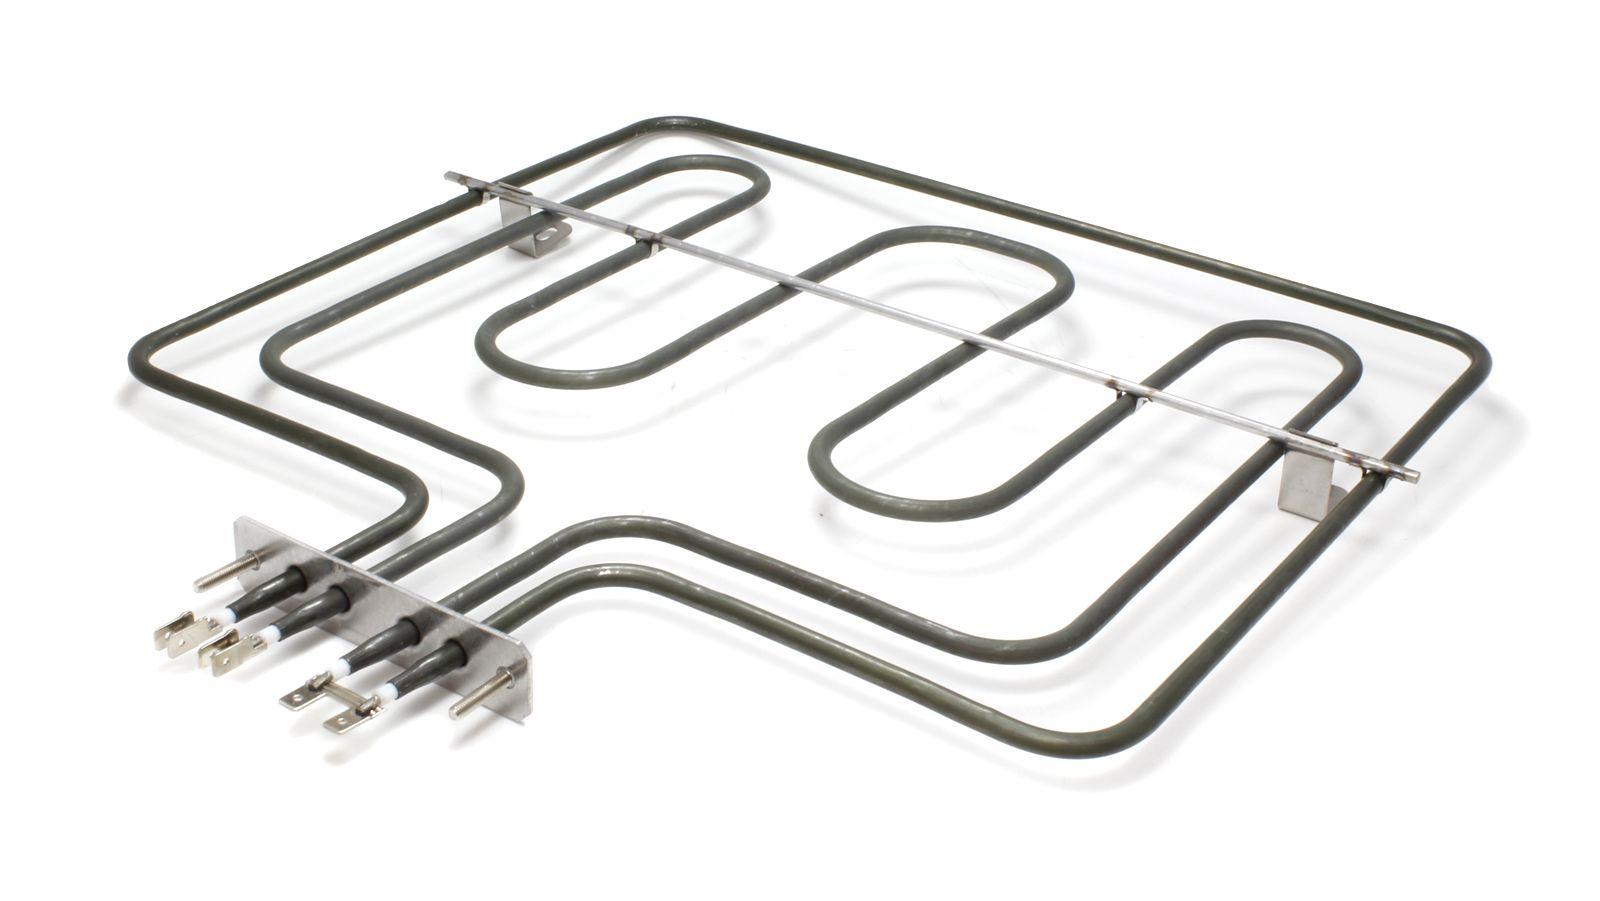 těleso do trouby horní, topení AEG, Electrolux, Zanussi - 3570355010 AEG / Electrolux / Zanussi